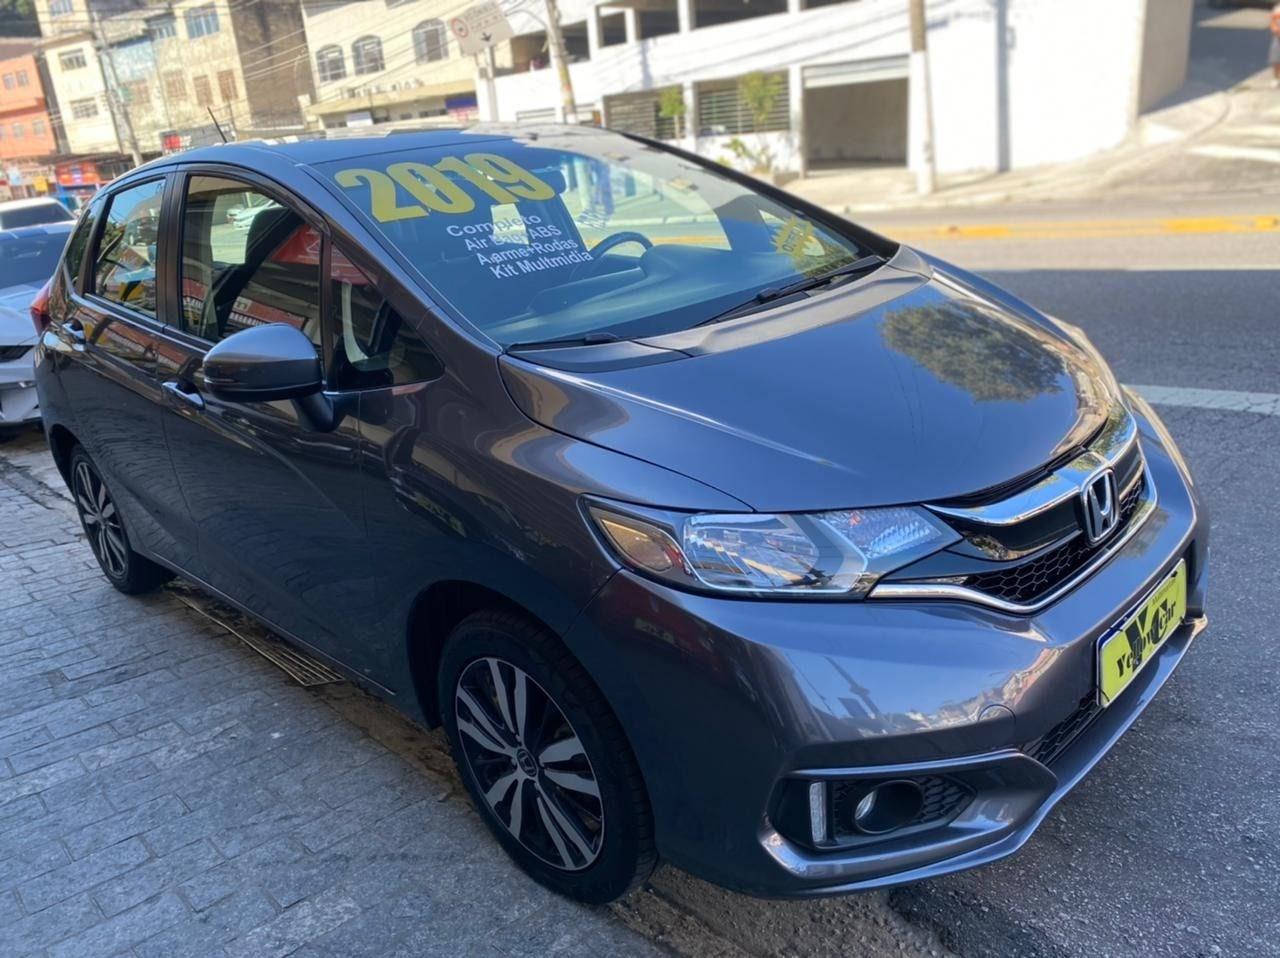 //www.autoline.com.br/carro/honda/fit-15-lx-16v-flex-4p-cvt/2019/sao-paulo-sp/14834178